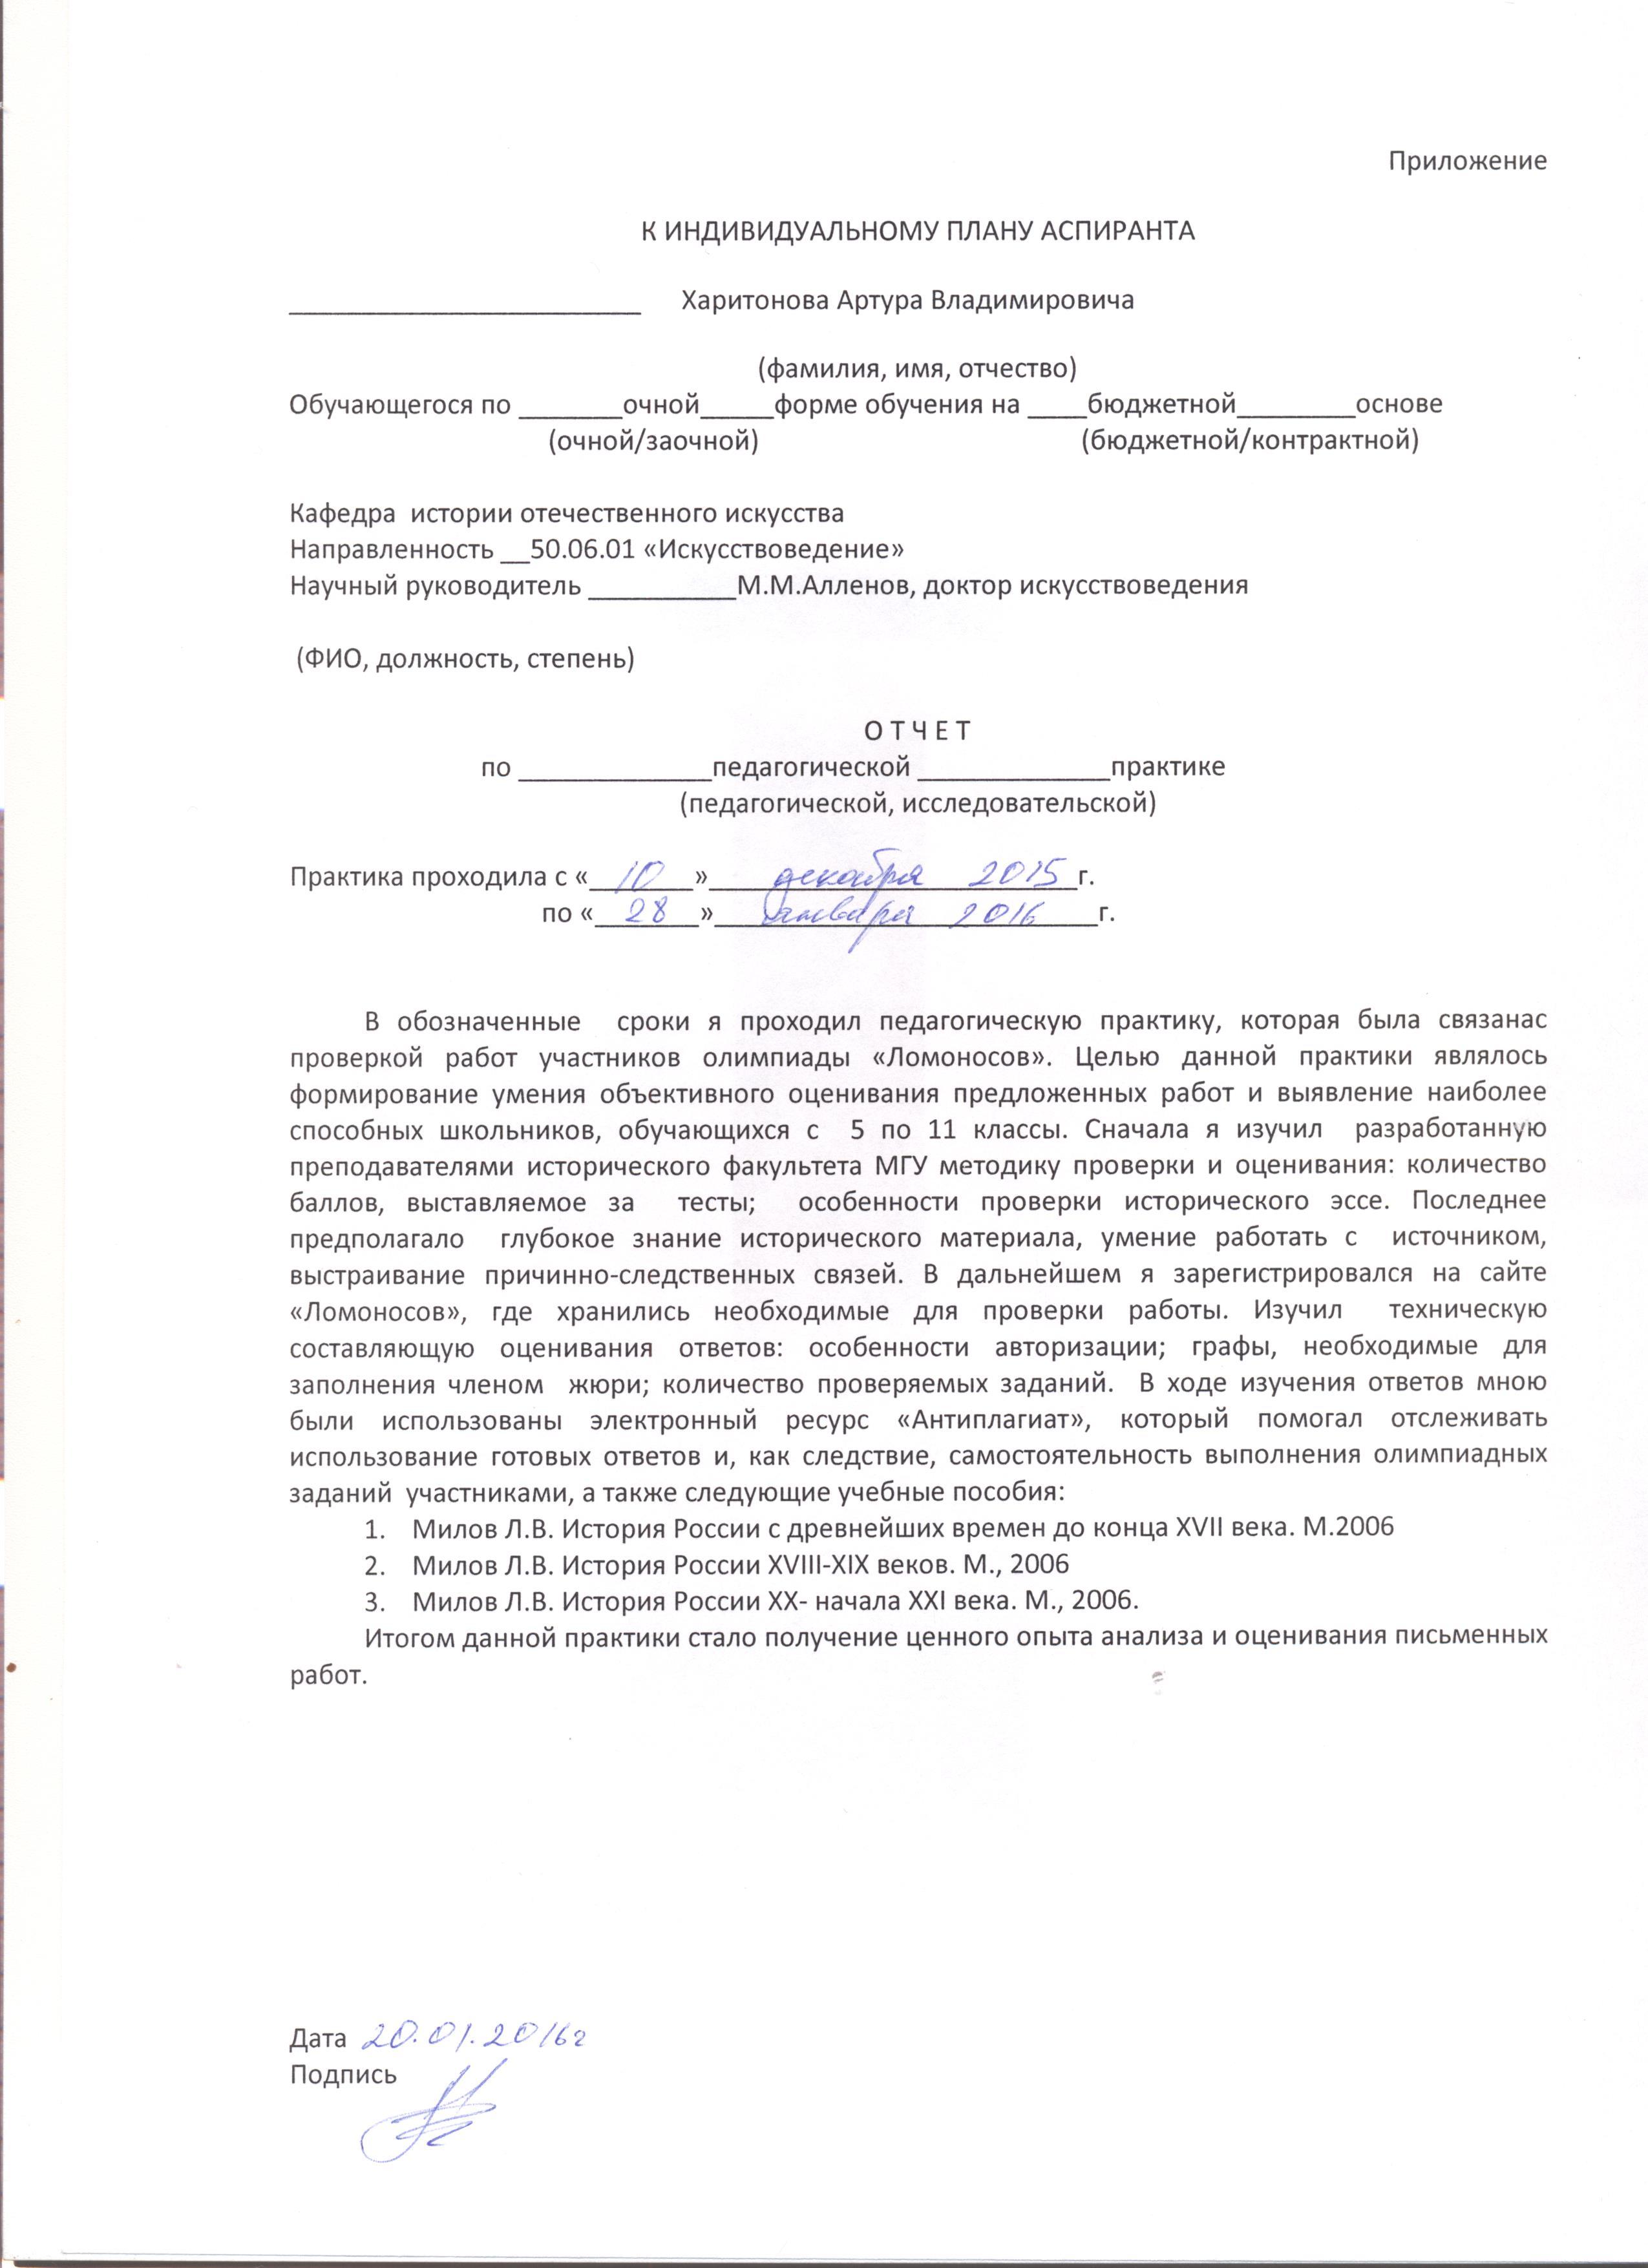 Харитонов Артур Владимирович пользователь сотрудник ИСТИНА  Отчет по педагогической практике 2 2 · Отчет по педагогической практике 2 2 · Отчет по исследовательской практике 2 2